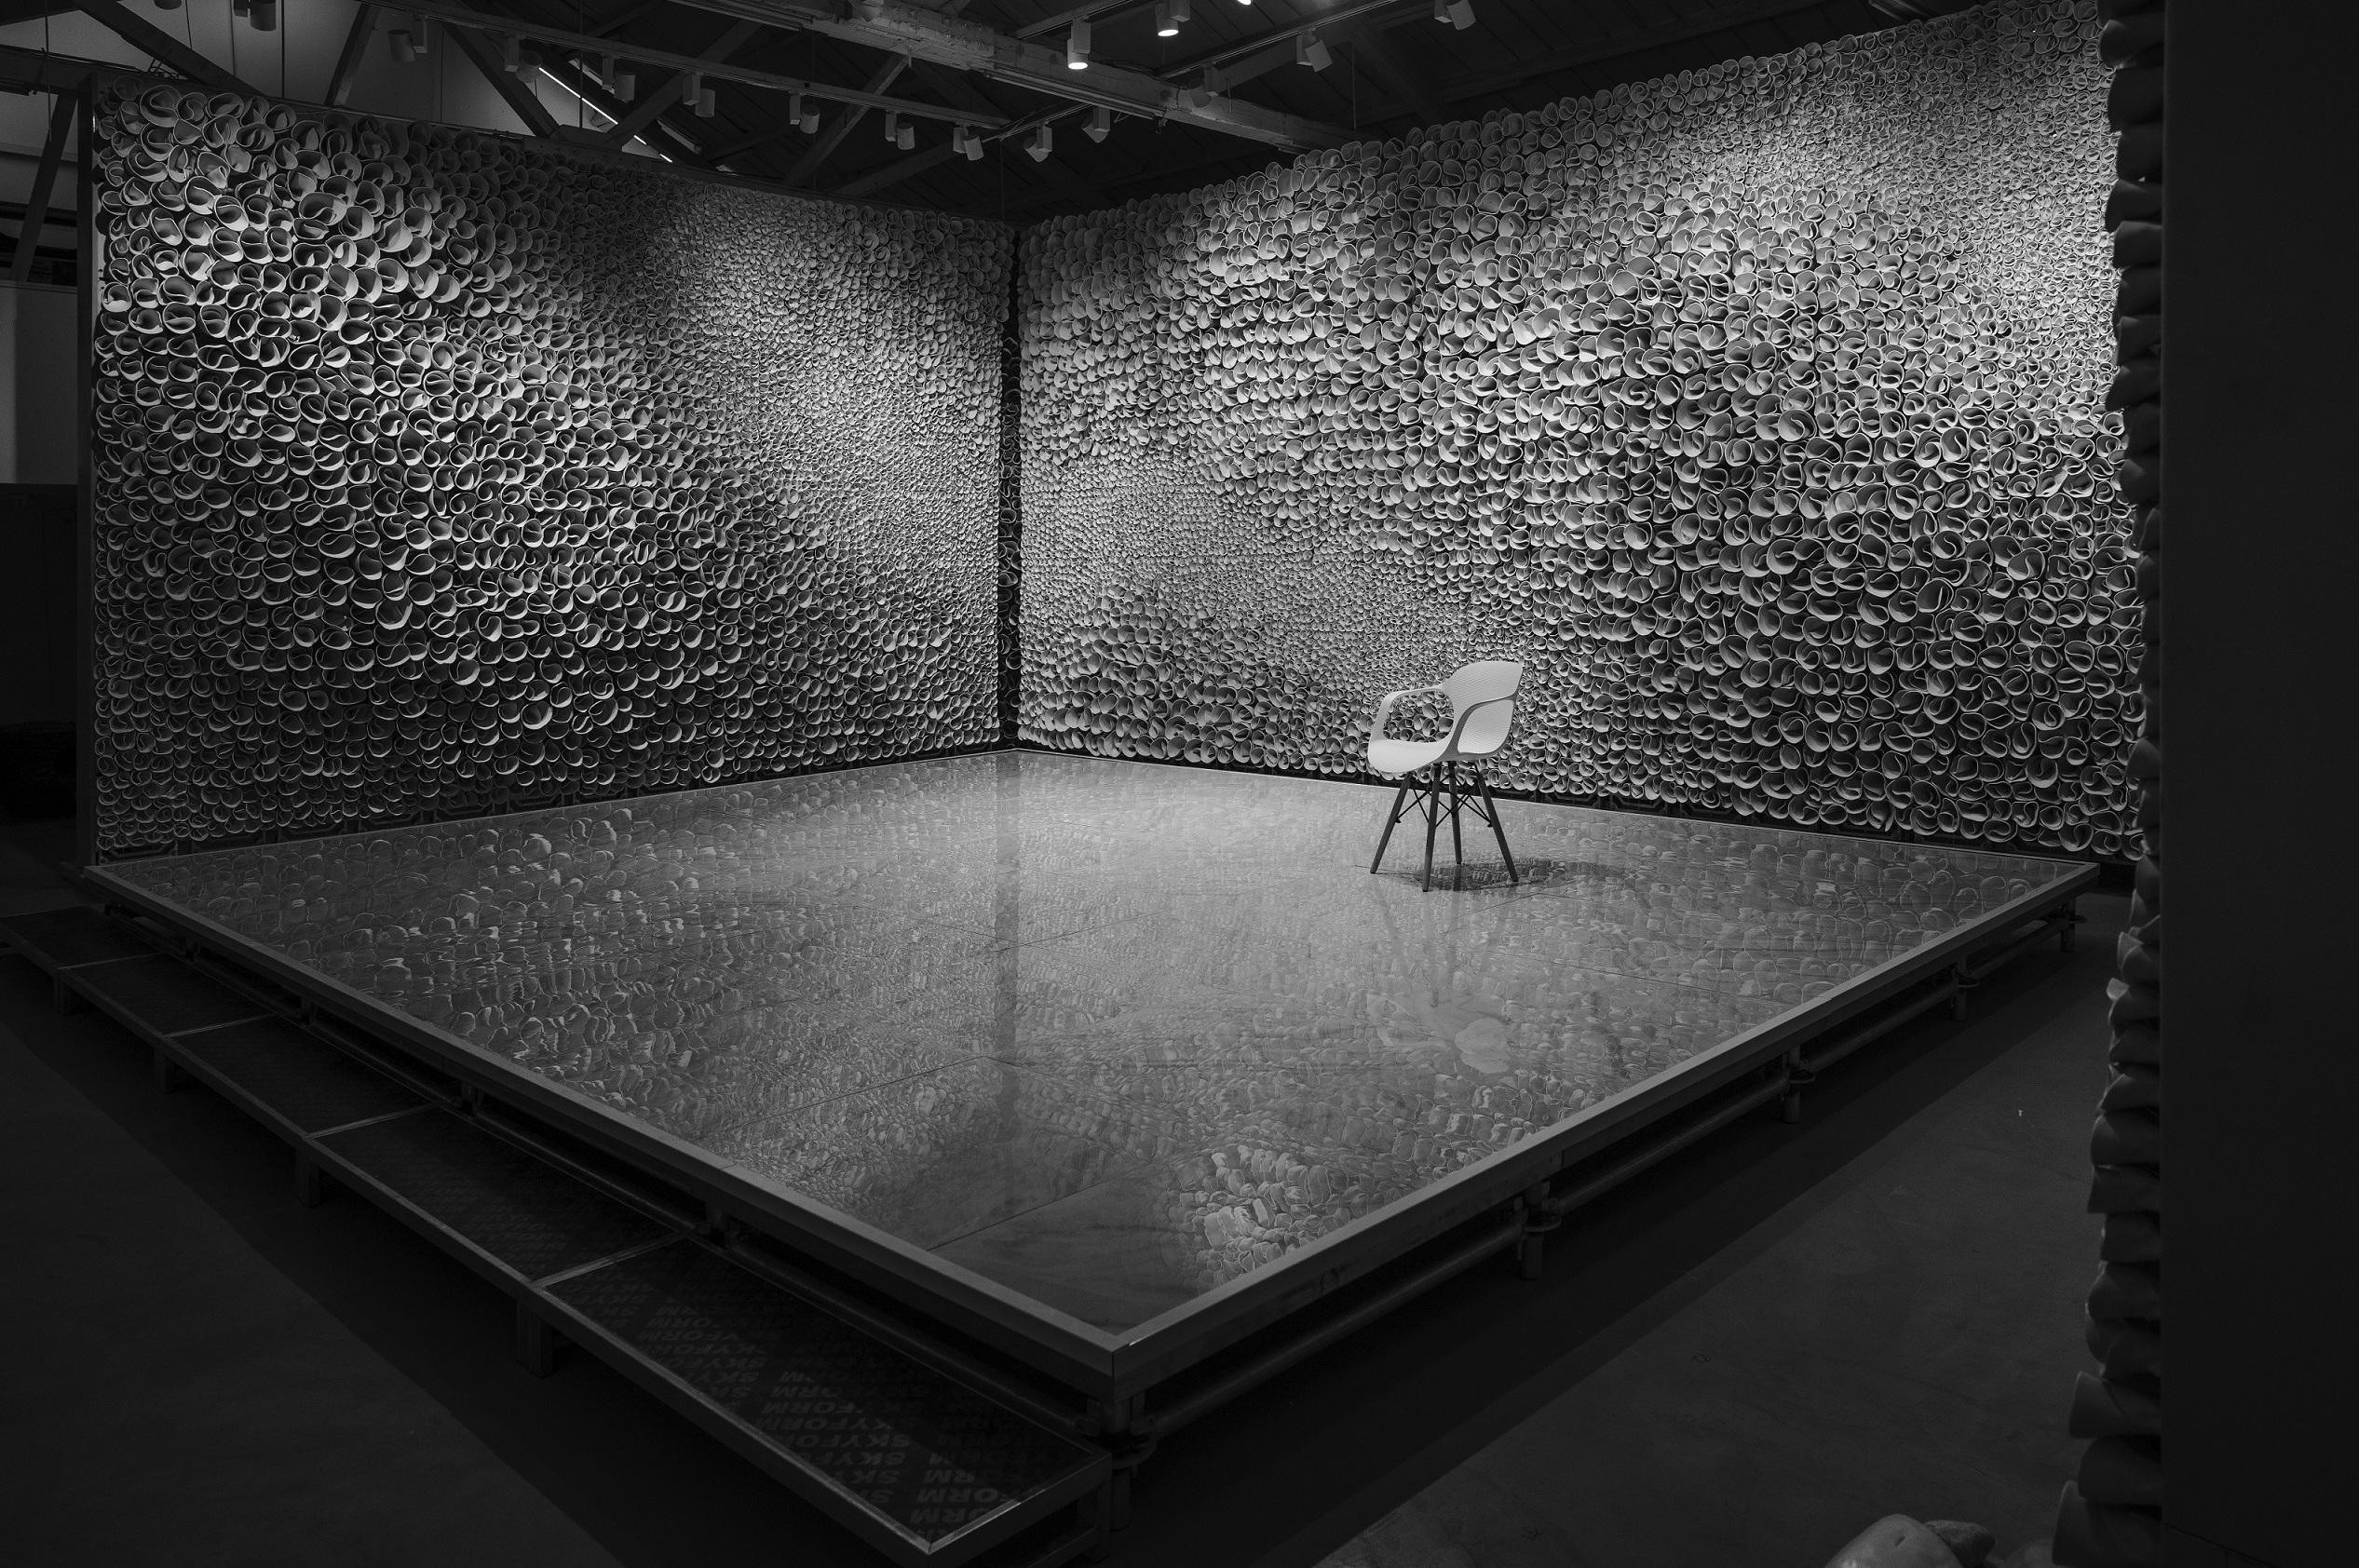 'Box of Life' (2021) by Zhu Legeng